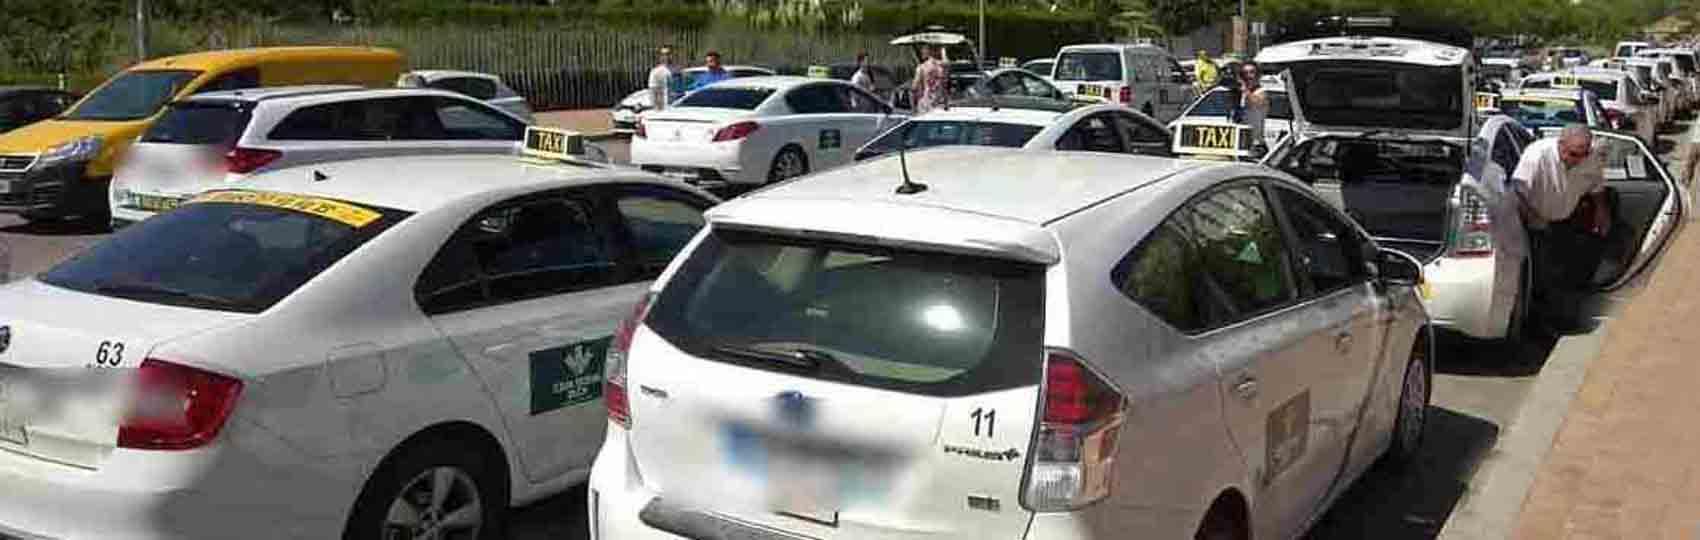 Noticias del sector del taxi y la movilidad en Jaén. Mantente informado de todas las noticias del taxi de Jaén en el grupo de Facebook de Todo Taxi.